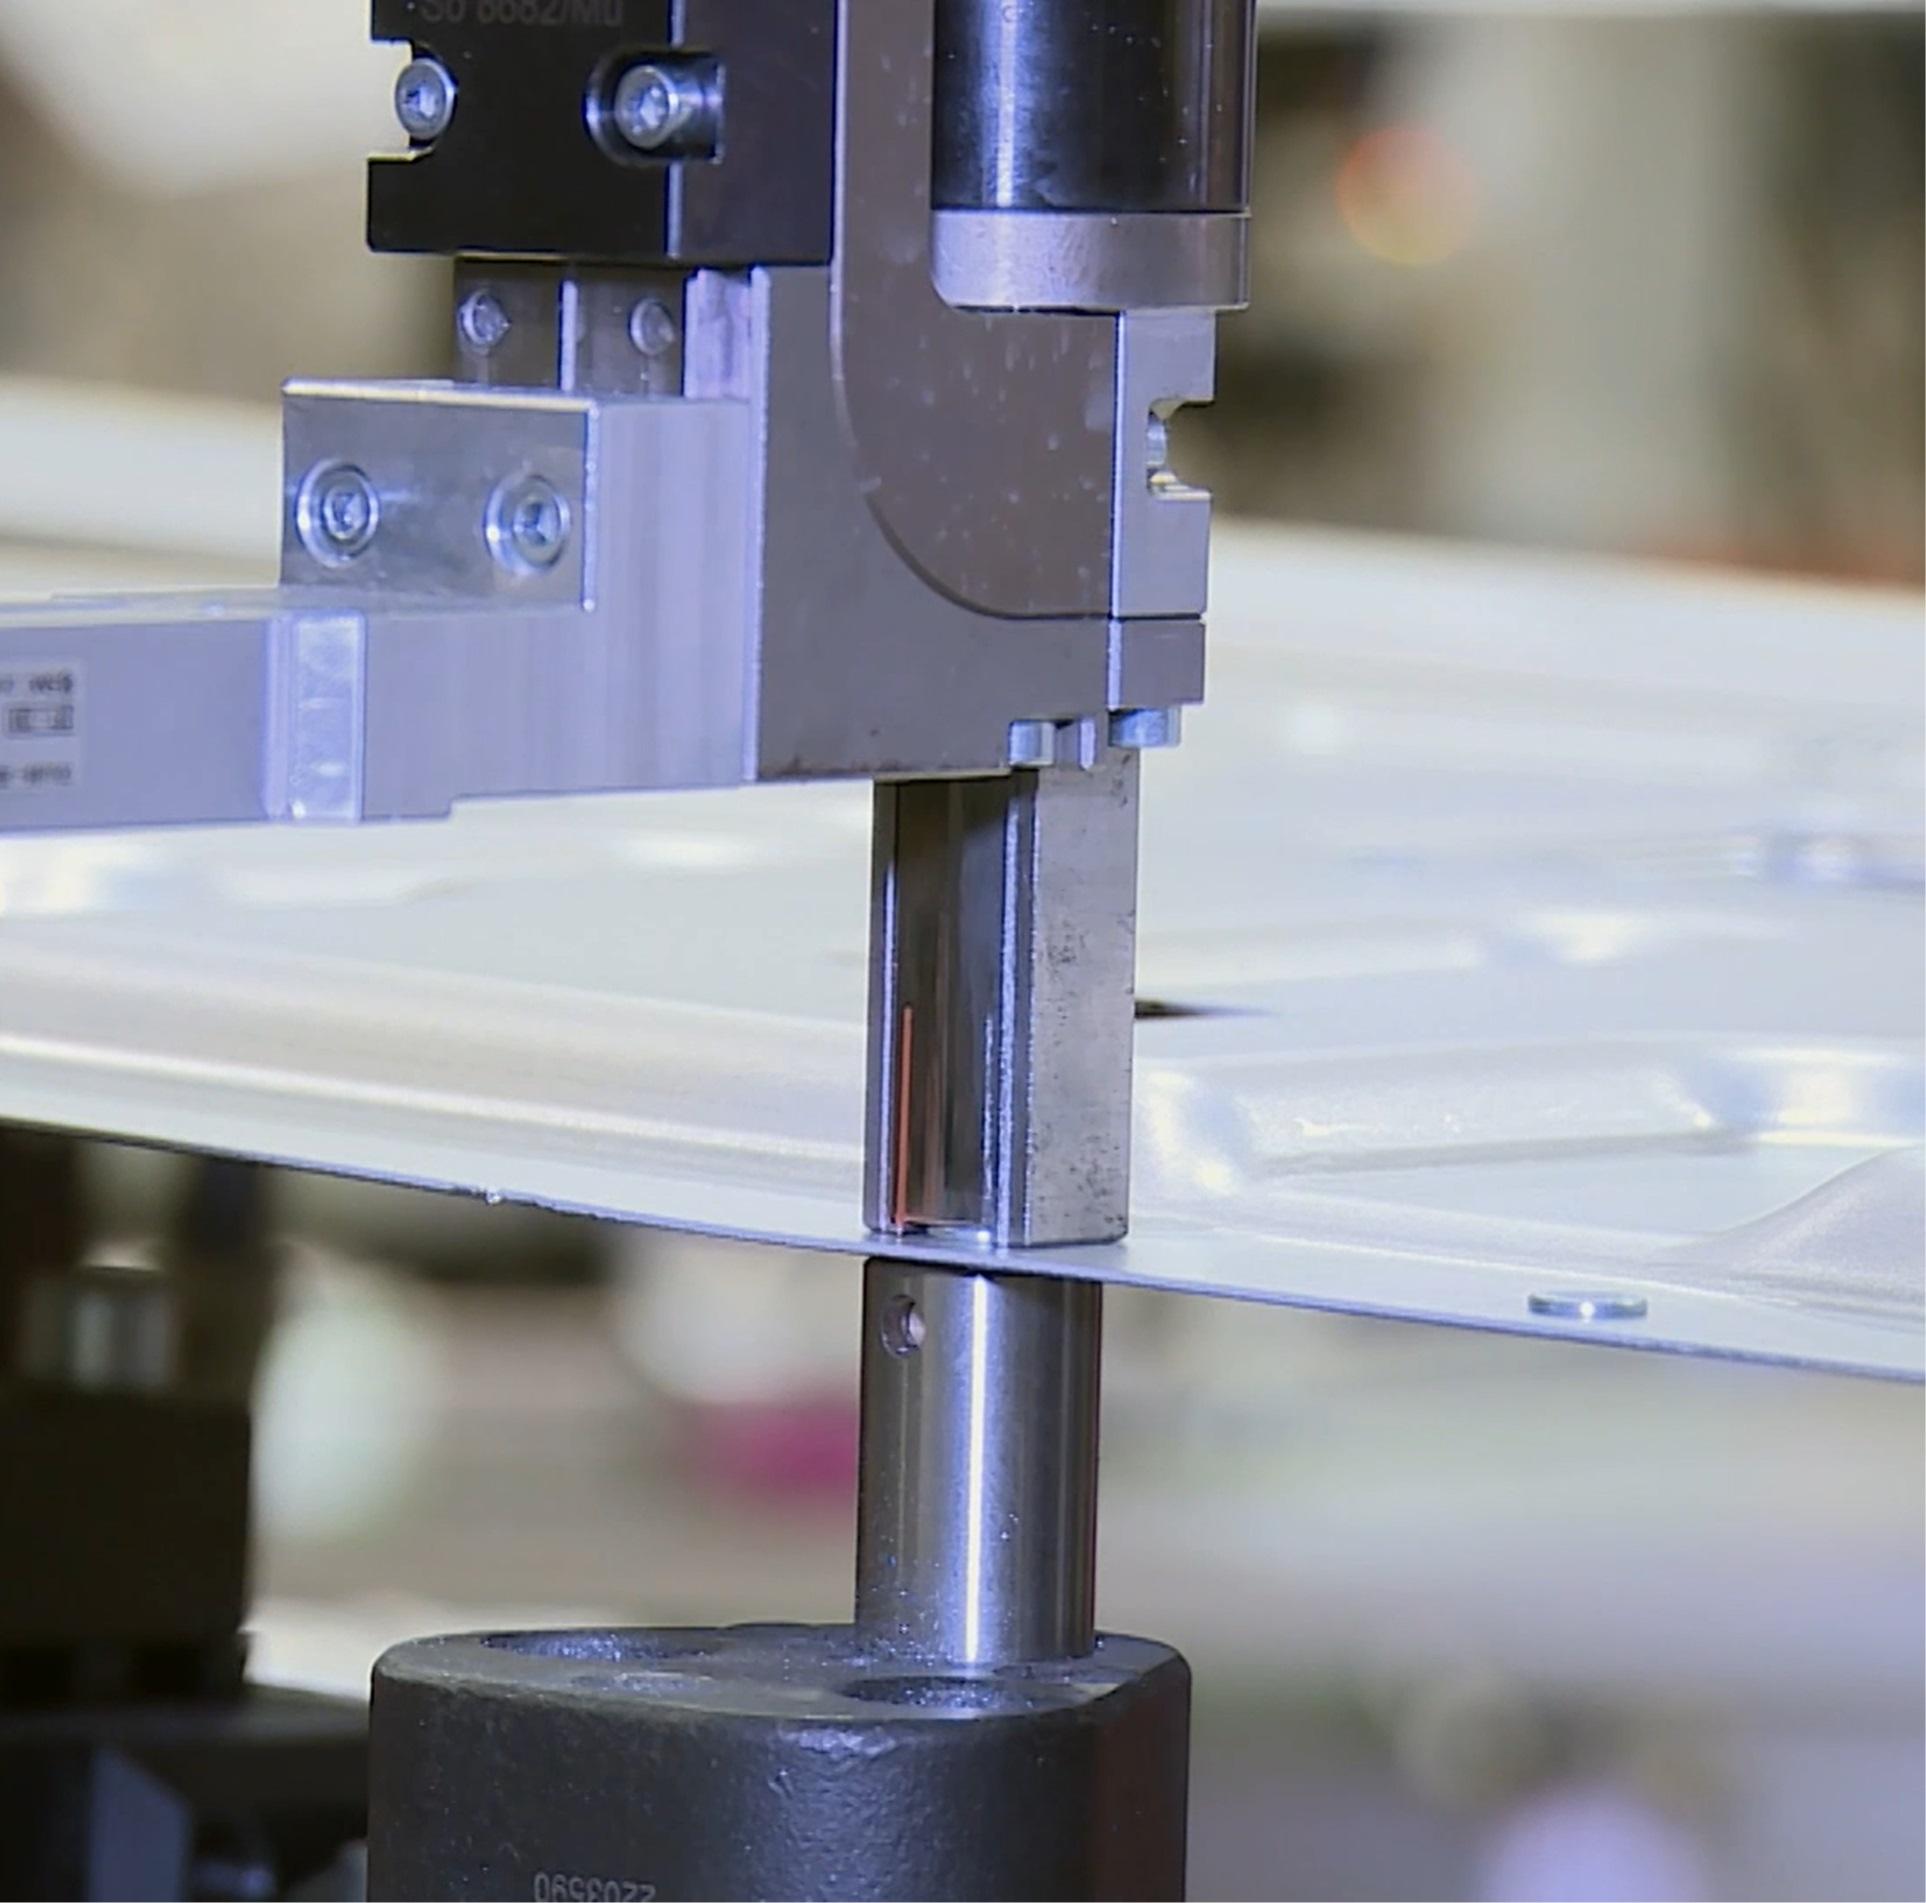 Einzelne Flexweld®-Elemente können über einen C-Bügel (Bild 4a) oder mehrere direkt beim Umformprozess des Bauteils eingebracht werden (Bild 4b). Verschweißt wird dann klassisch per Schweißzange. Quelle: Arnold Umformtechnik